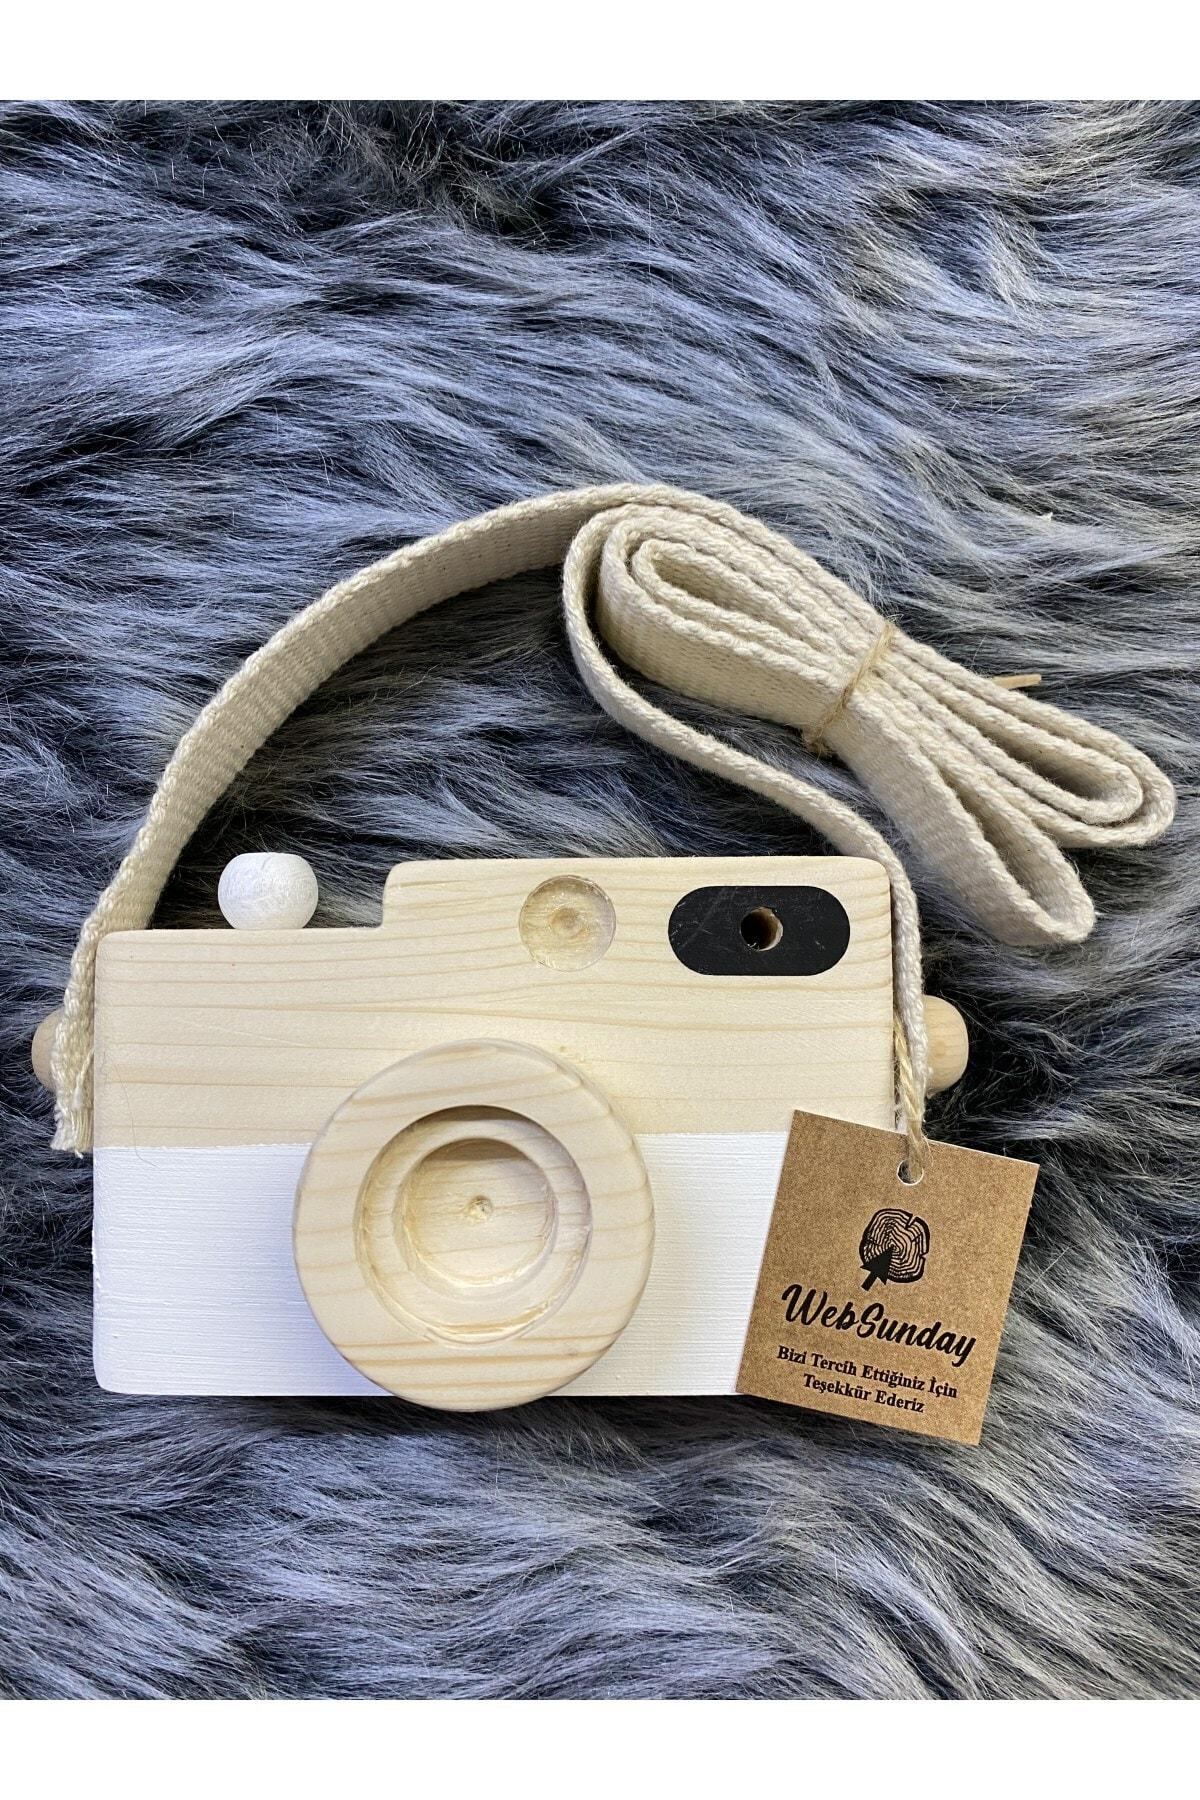 aswood Ahşap Dekoratif Oyuncak Fotoğraf Makinesi - Beyaz 1